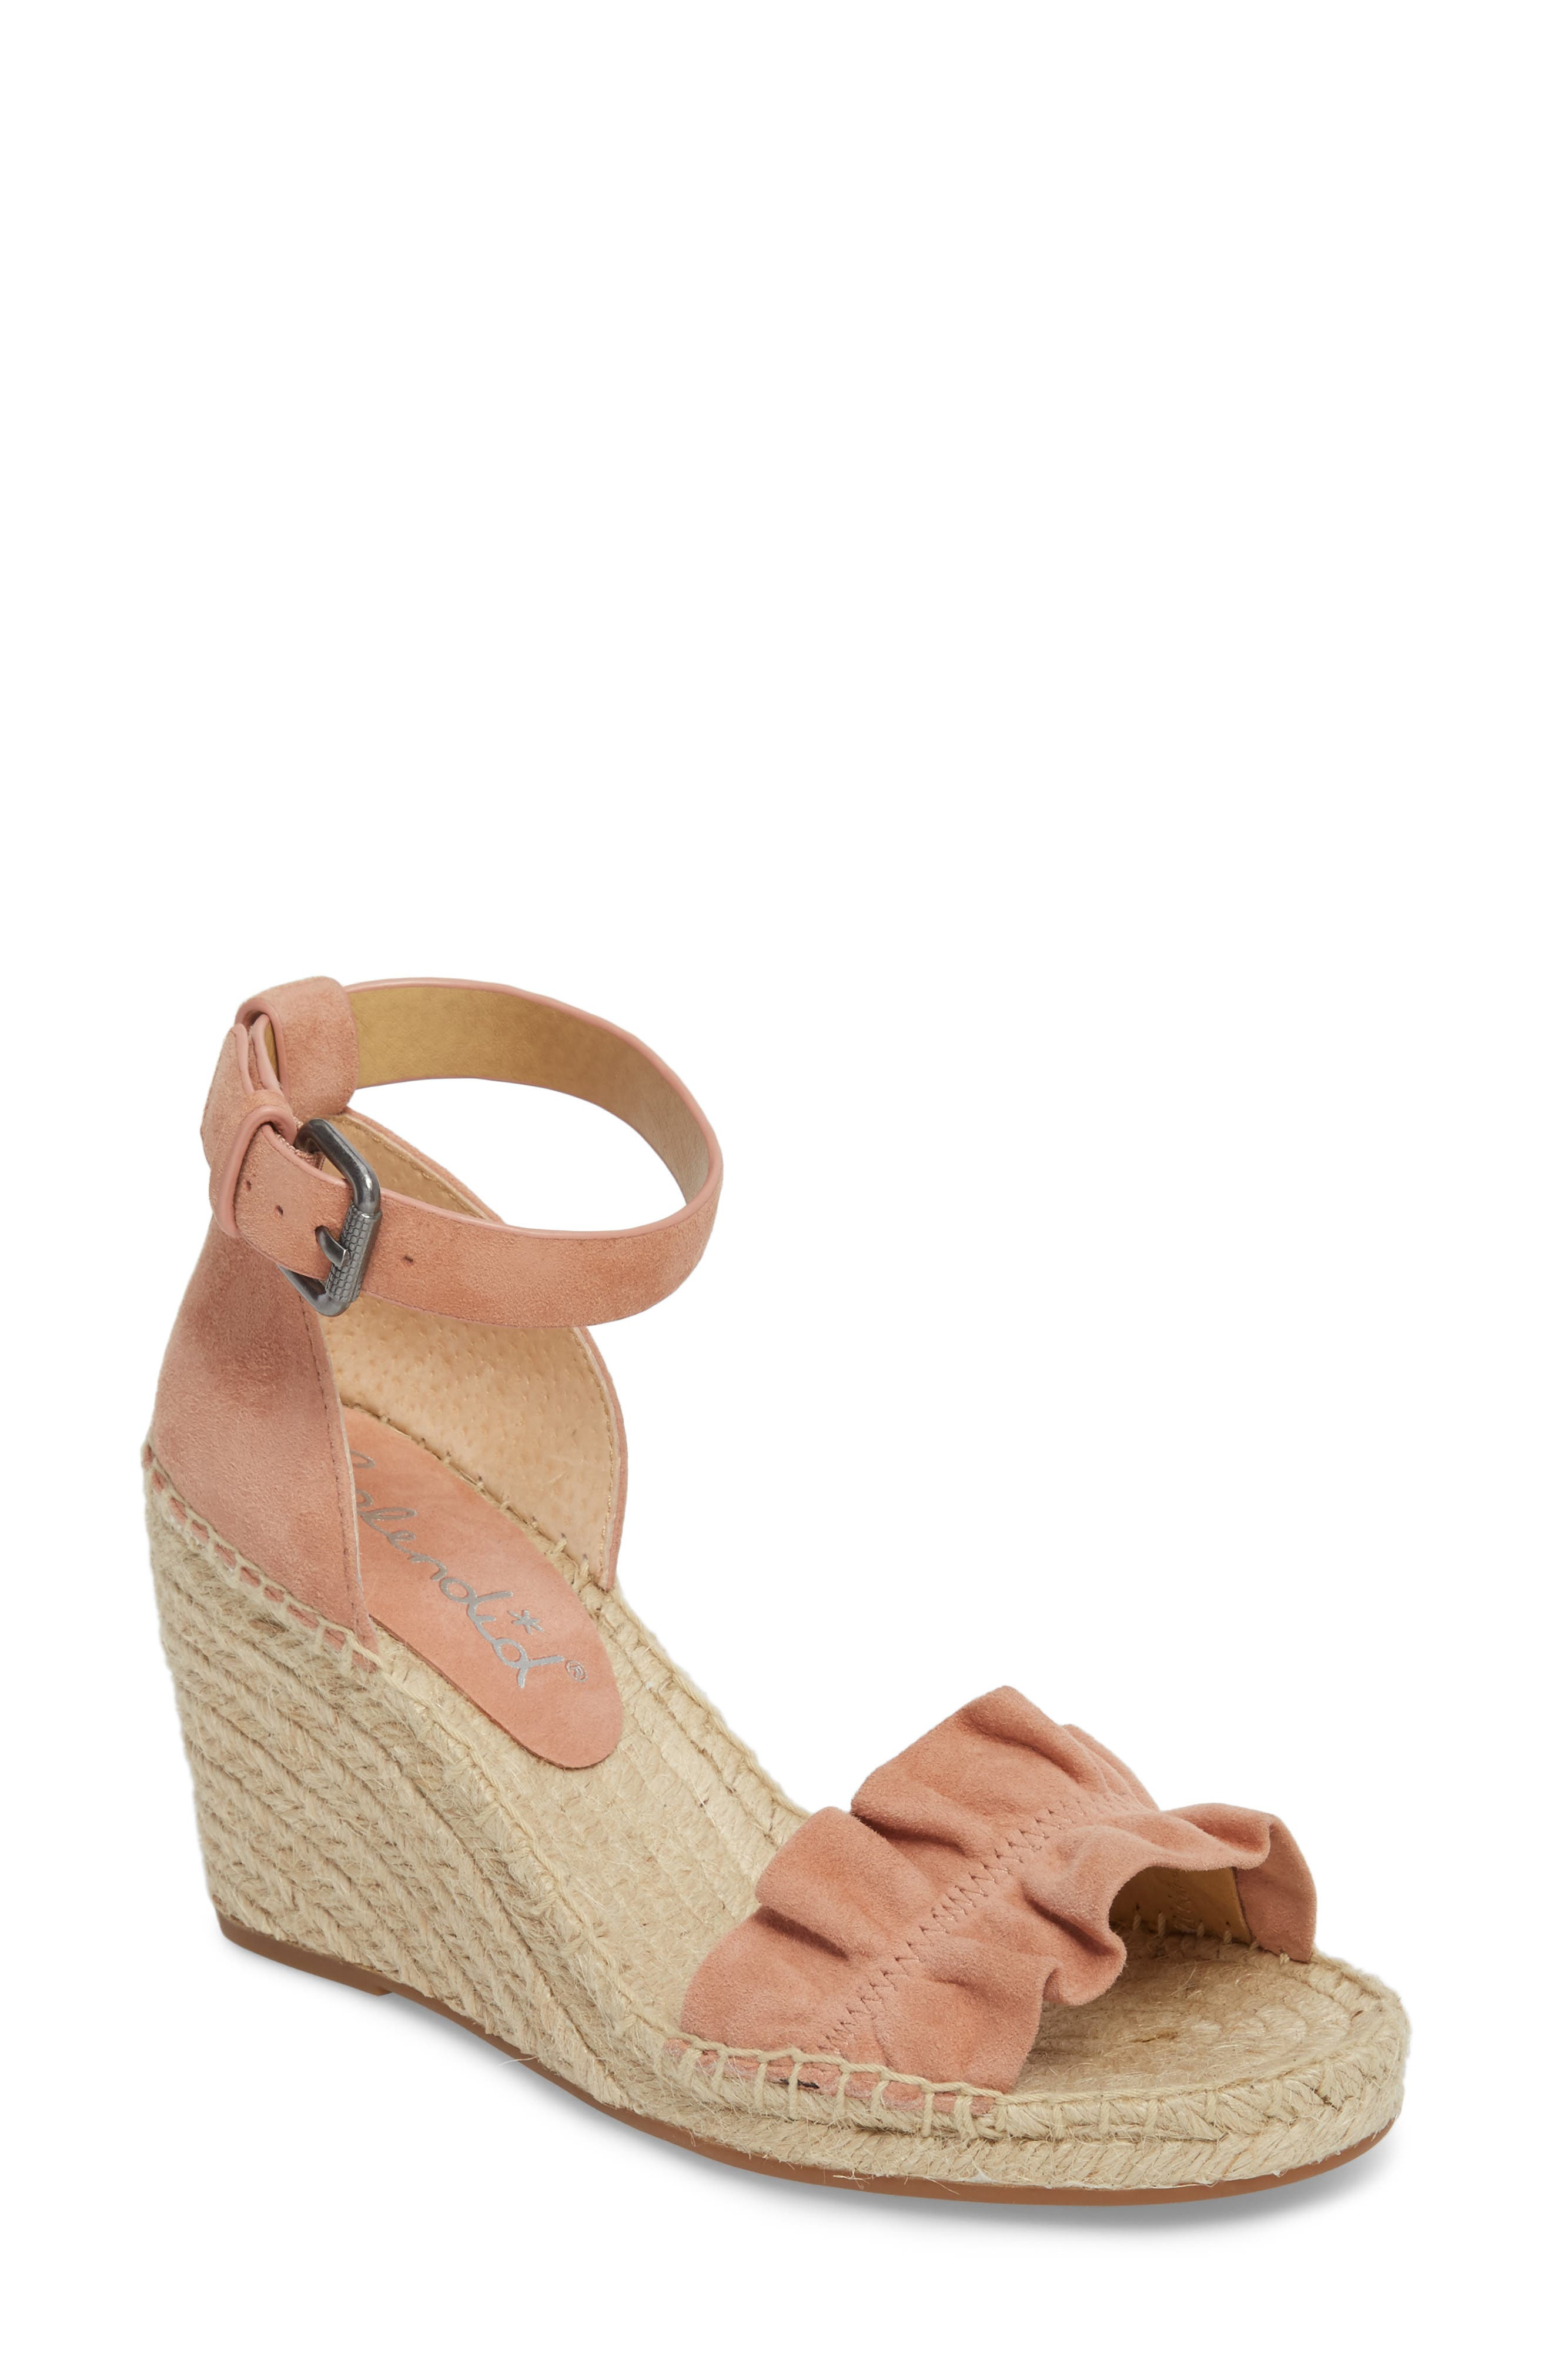 Alternate Image 1 Selected - Splendid Bedford Espadrille Wedge Sandal (Women)